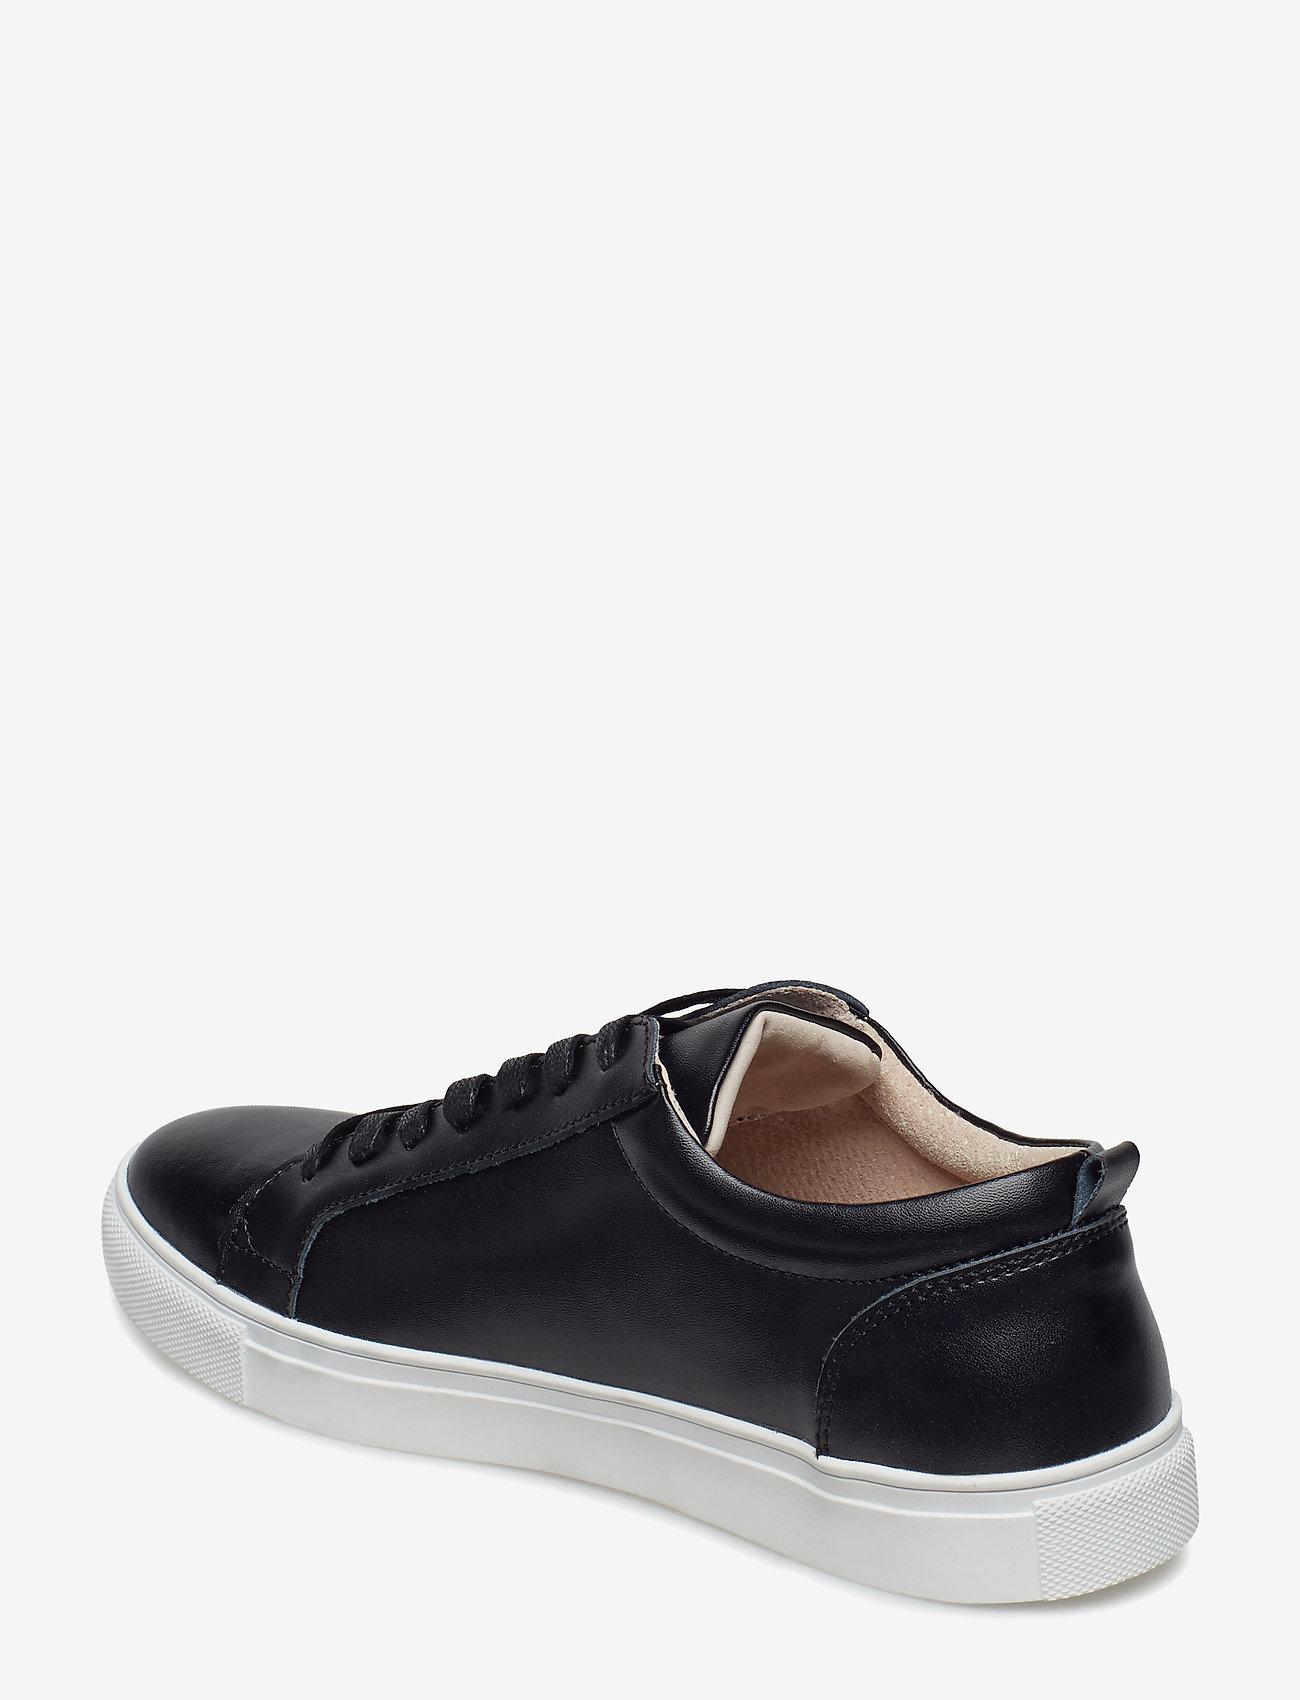 Stb-cole Ii L (Black) - Shoe The Bear